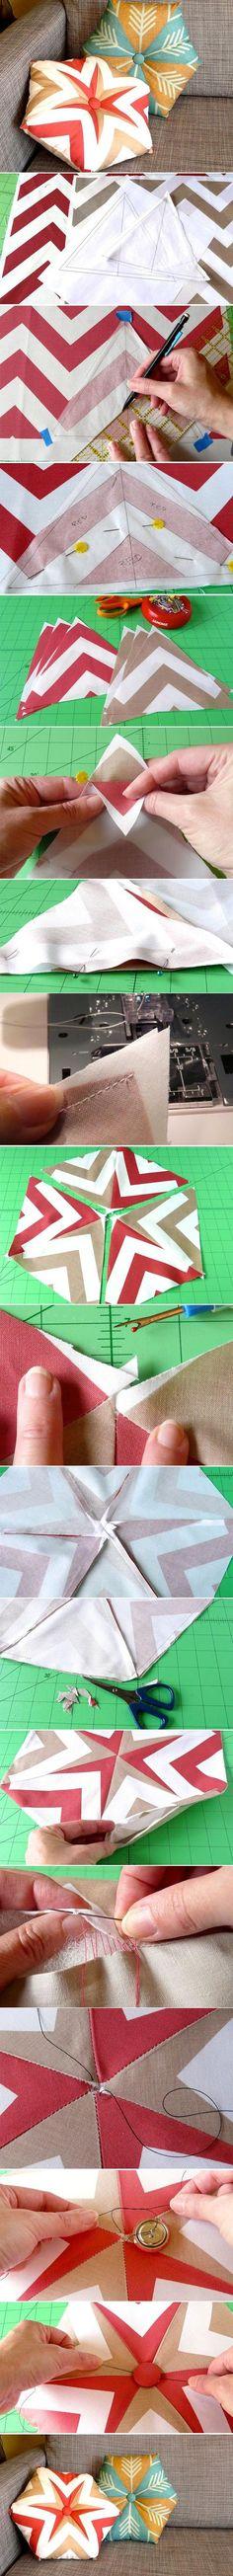 DIY Nice Decorative Pillow